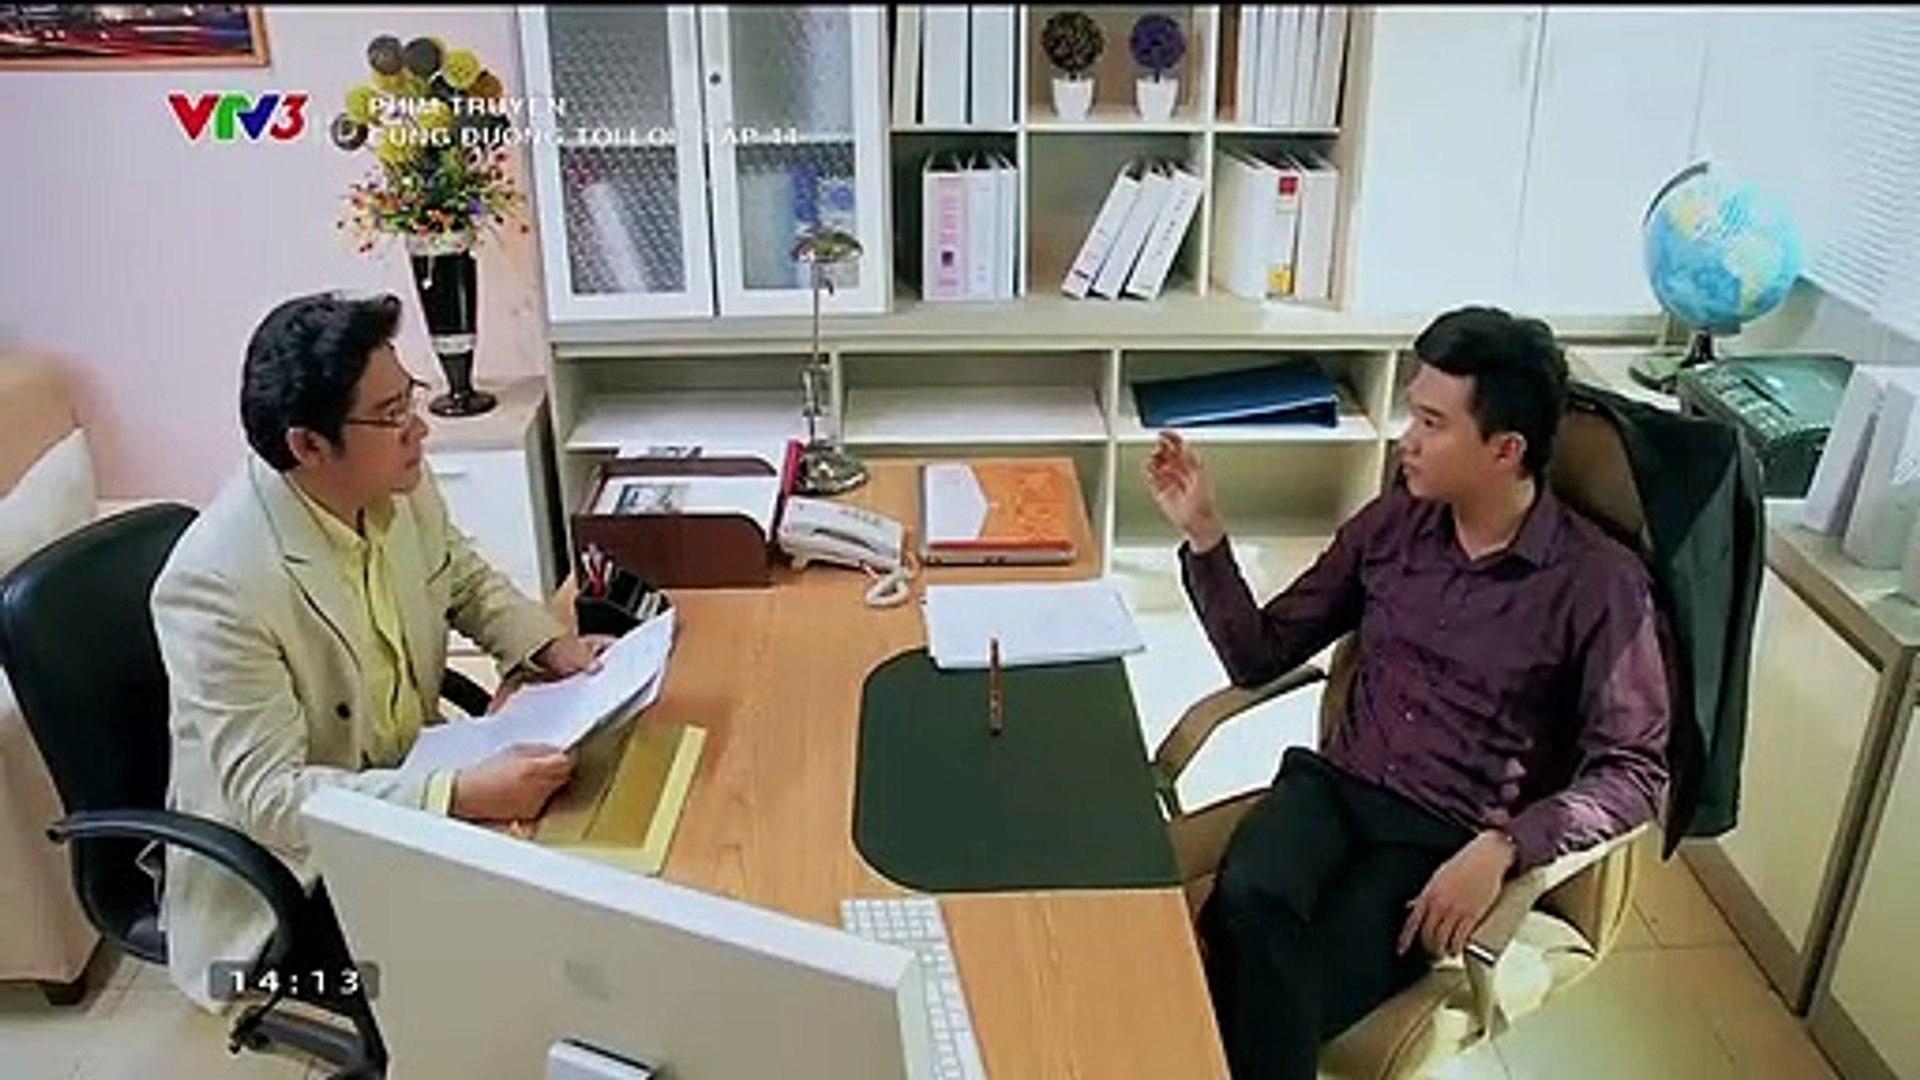 Cung Đường Tội Lỗi Tập 44 - (Bản Chuẩn Full - Phim Việt Nam VTV3) - Cung Duong Toi Loi Tap 44 - Cung